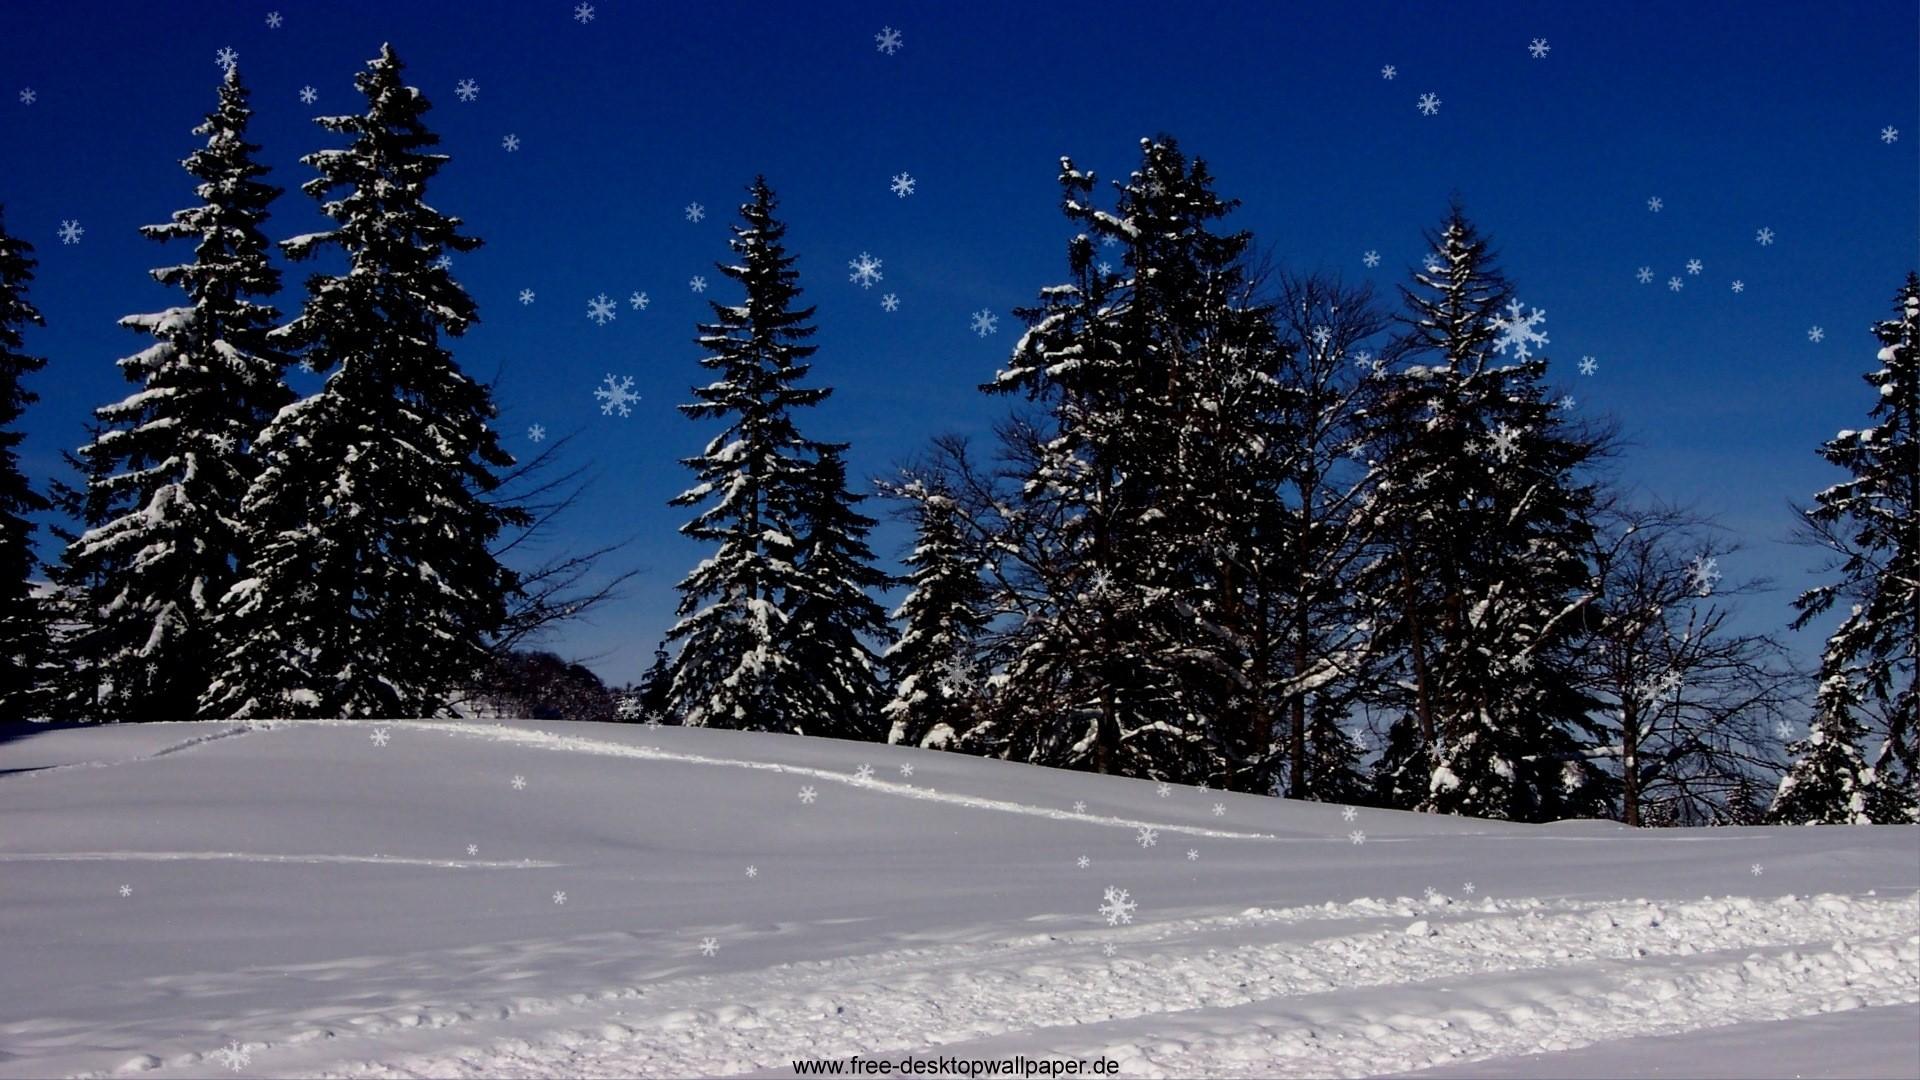 com/free-nature-christmas-snow-widescreen-1920×1080-desktop-